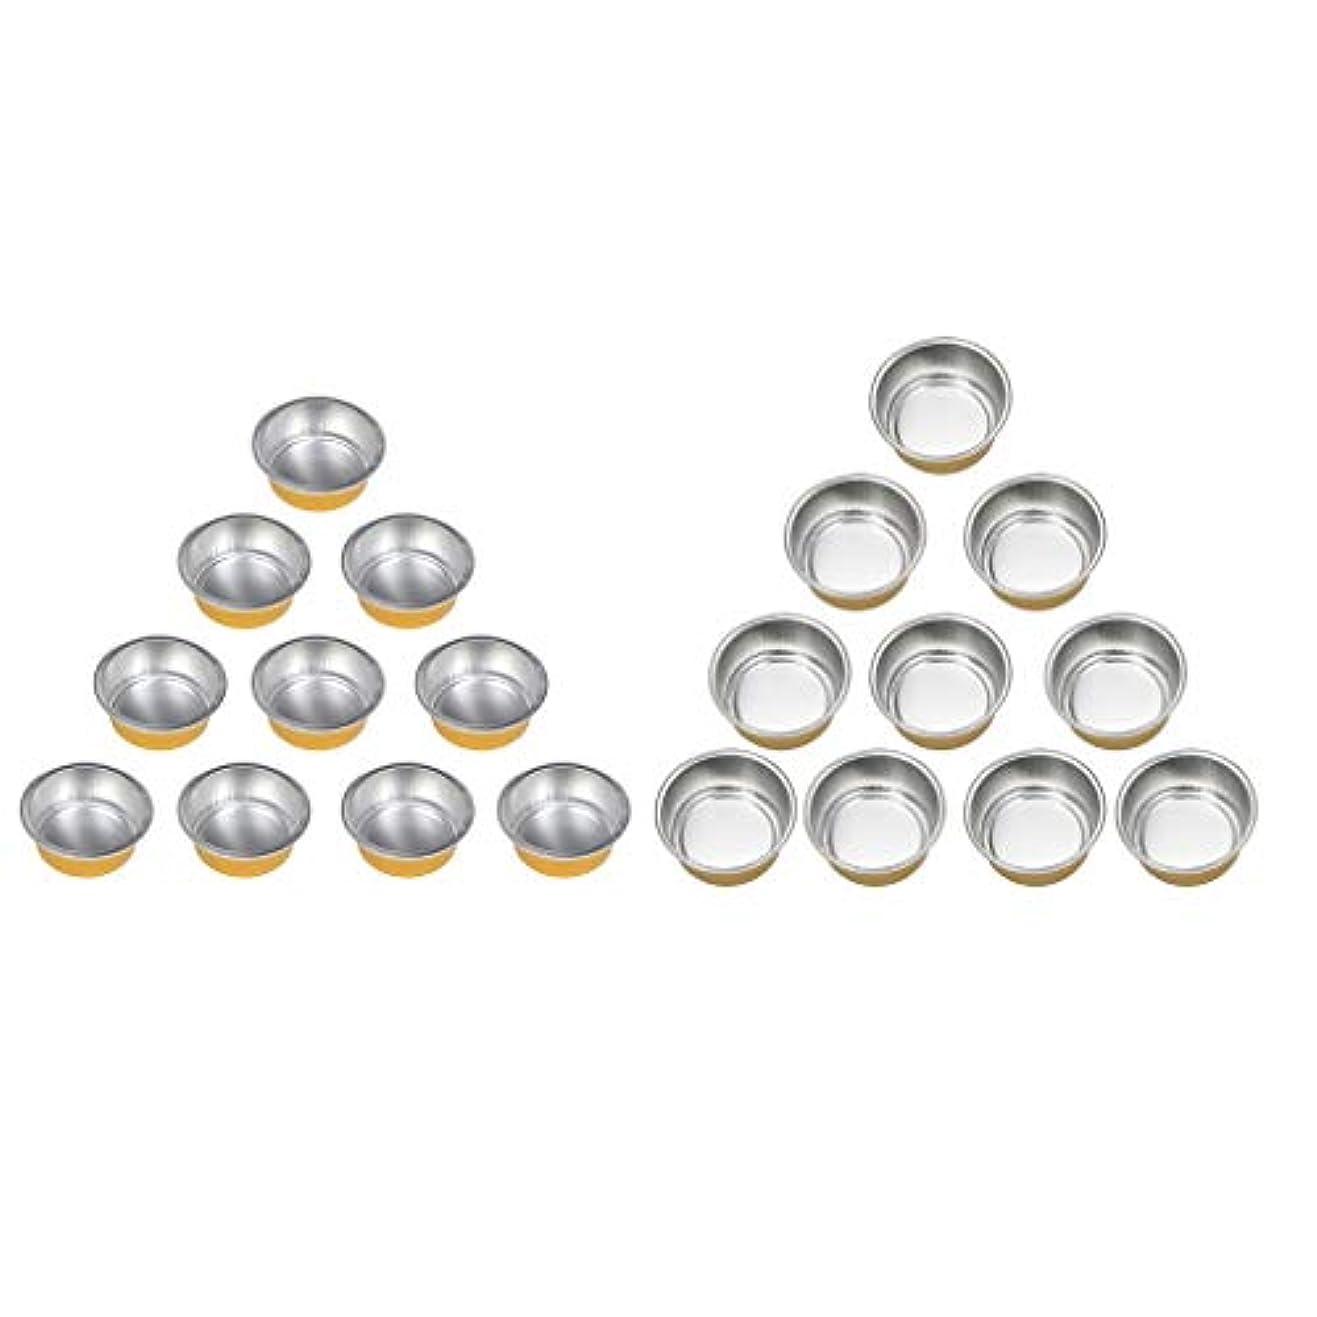 座るアデレード確認するchiwanji ワックスヒーターマシンのための20個のホットアルミ箔ワックス溶融マグカップボウルポット錫